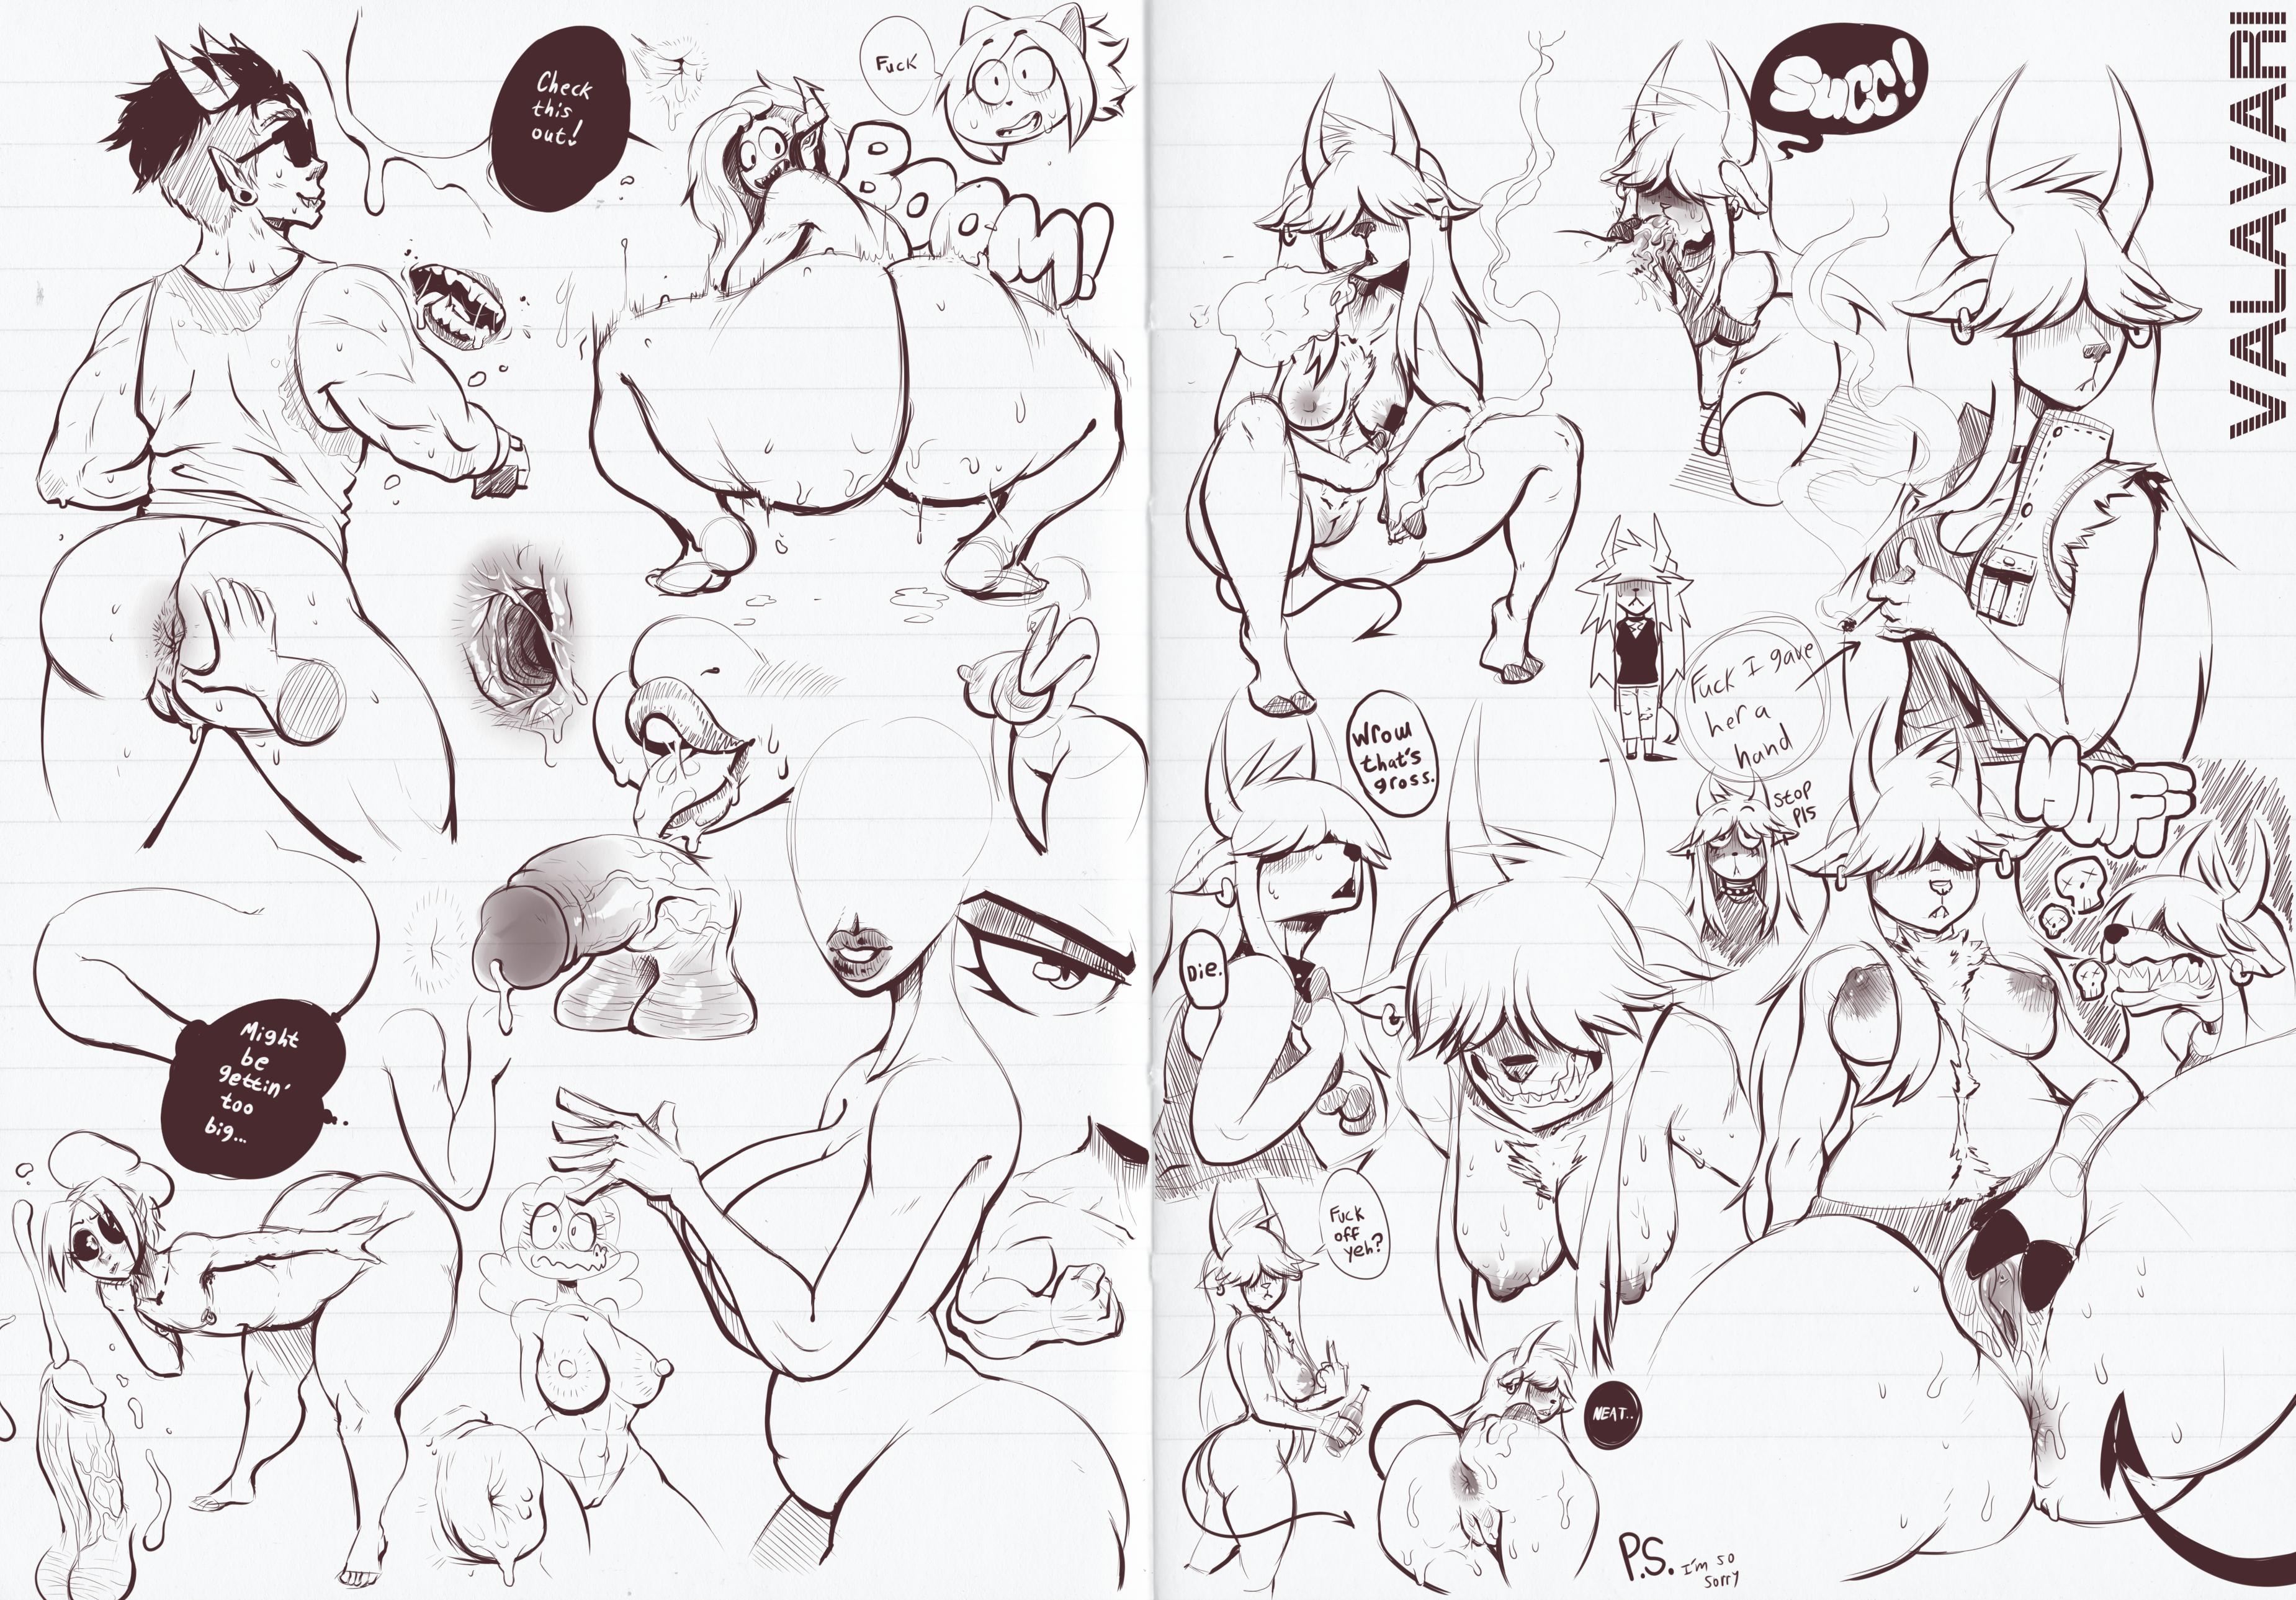 Digital Sketchbook - Page 1 & 2